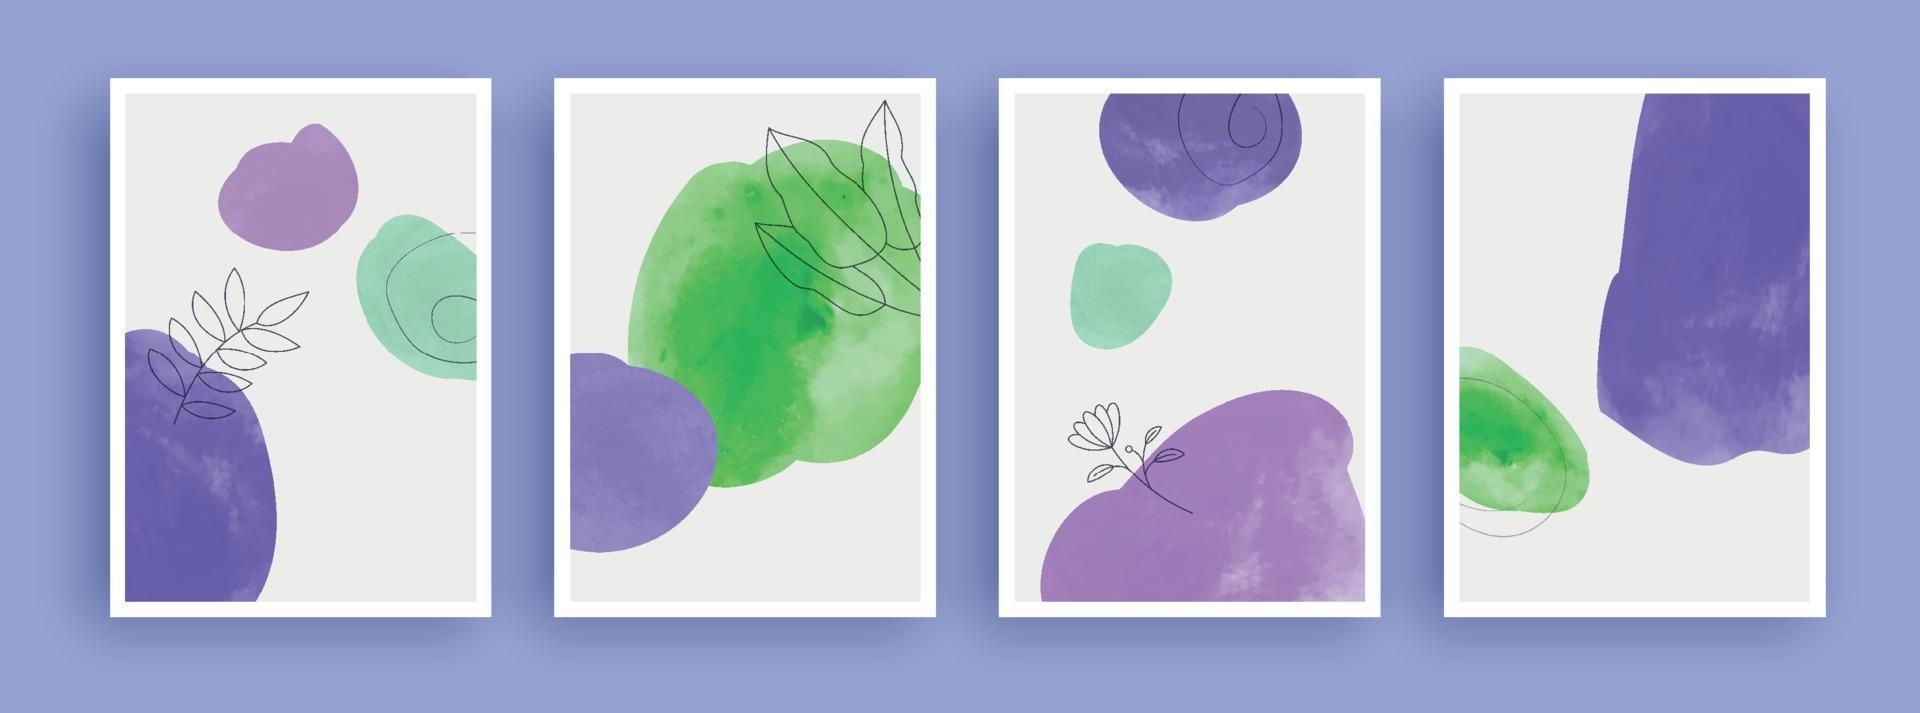 pittura di arte astratta con macchia acquerello in sfondo di colori pastello. elementi geometrici minimalisti e linea disegnata a mano. stile nordico scandinavo della metà del secolo. vettore